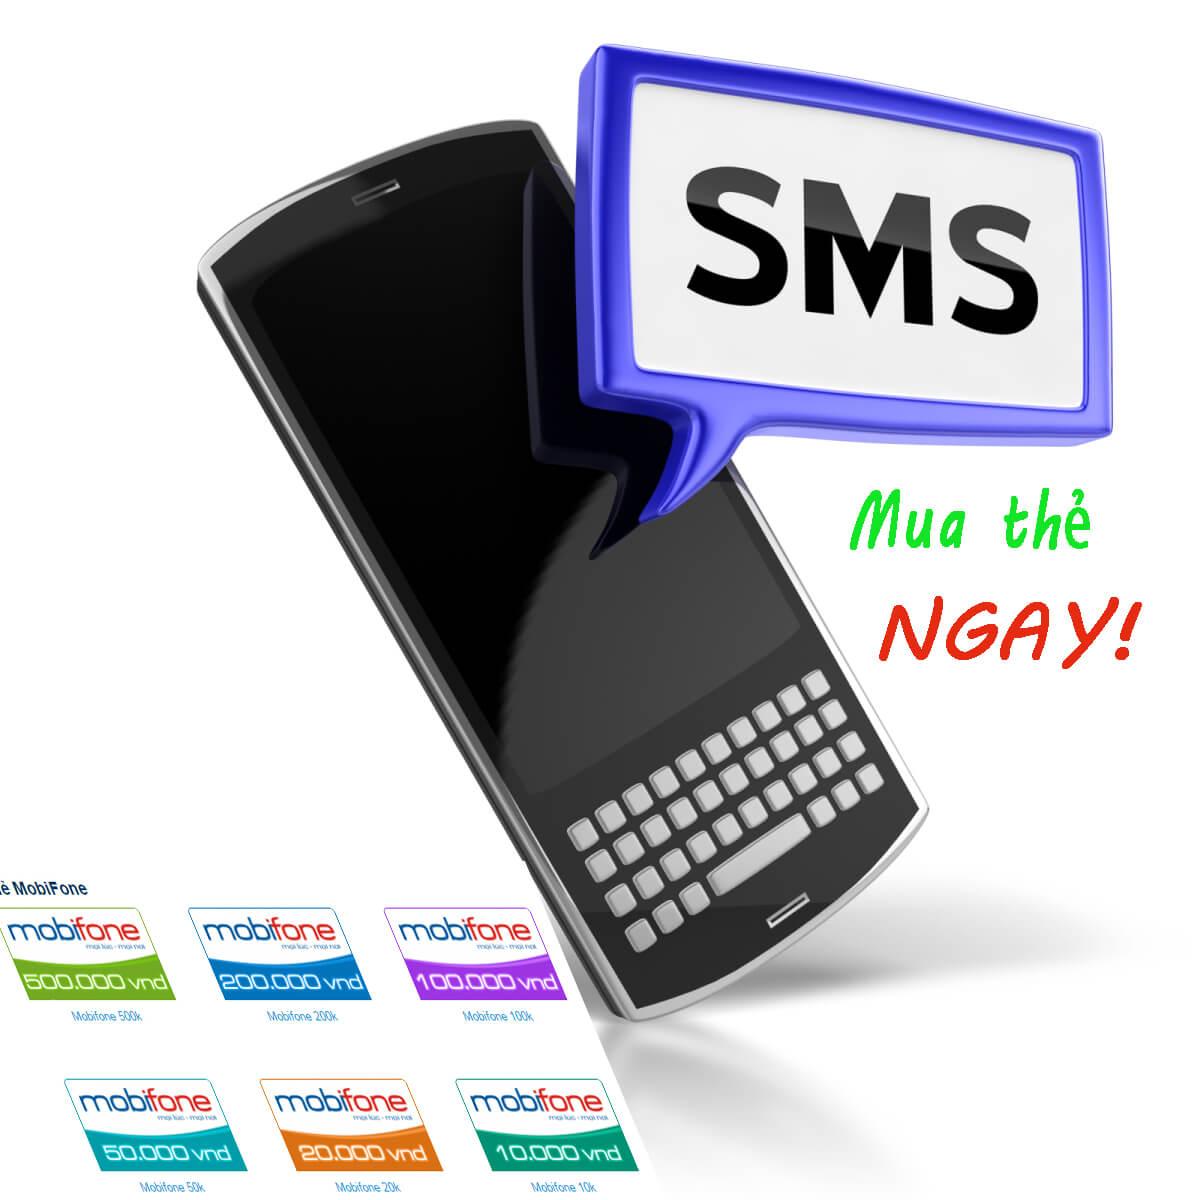 mua thẻ điện thoại vietnamobile bằng sms